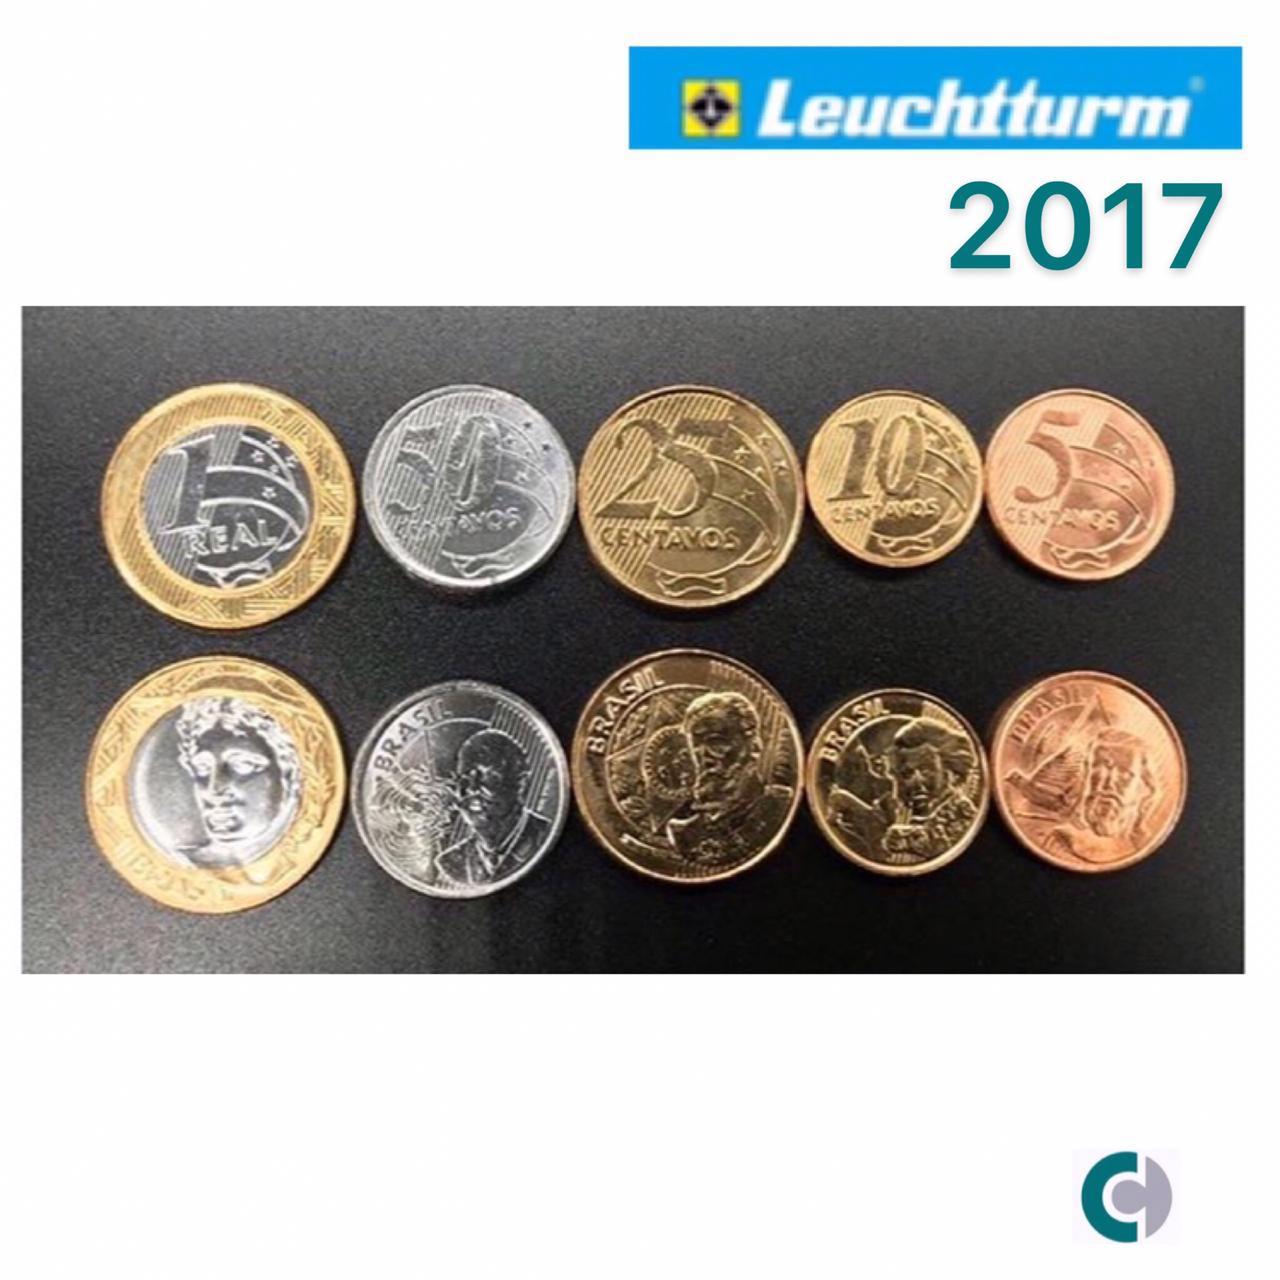 Set de Moedas Real 2017 em Coin Holder Leuchtturm